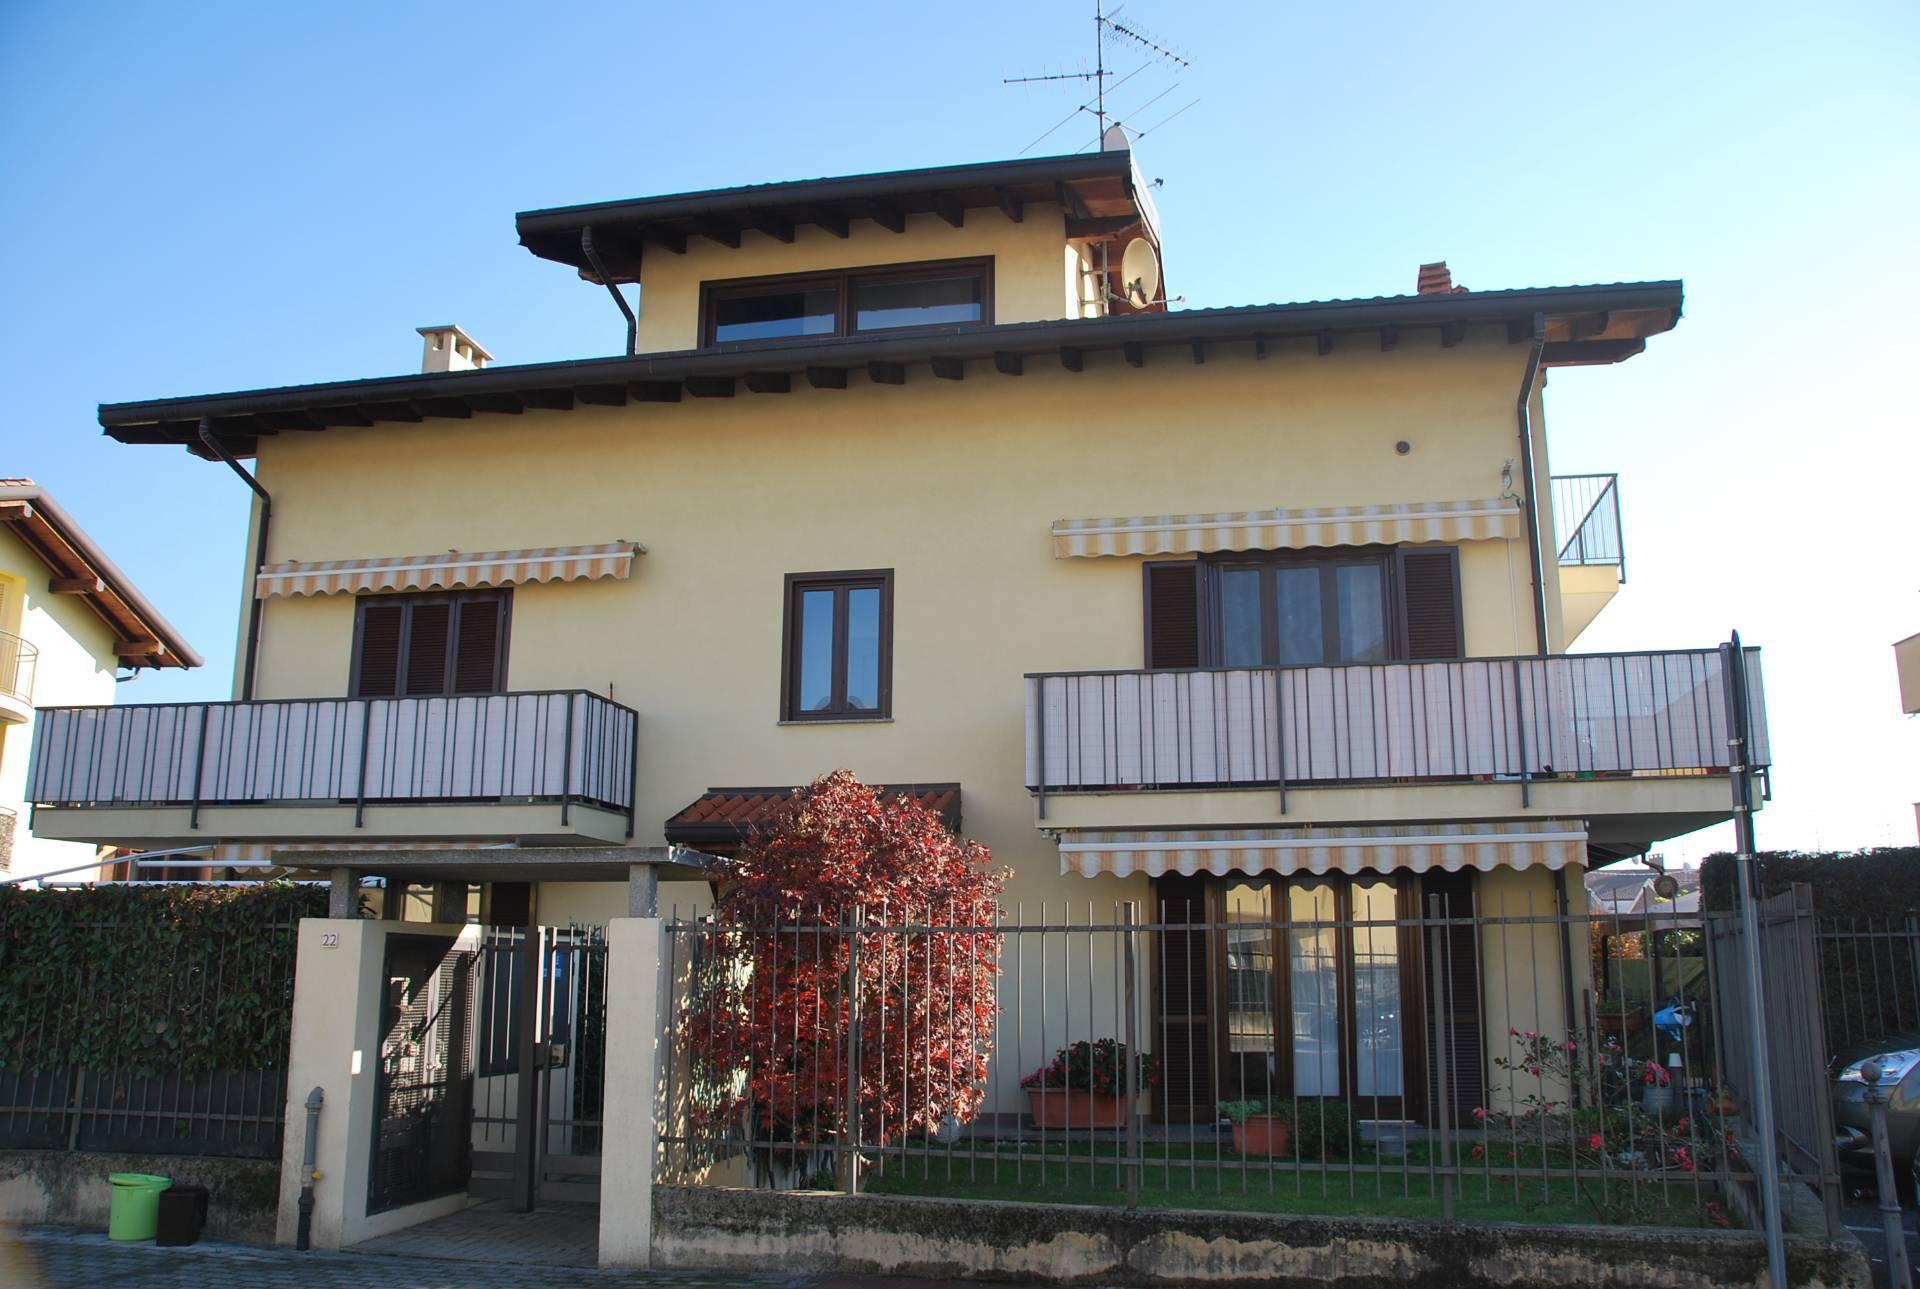 Appartamento in vendita a Cardano al Campo, 2 locali, prezzo € 110.000 | PortaleAgenzieImmobiliari.it